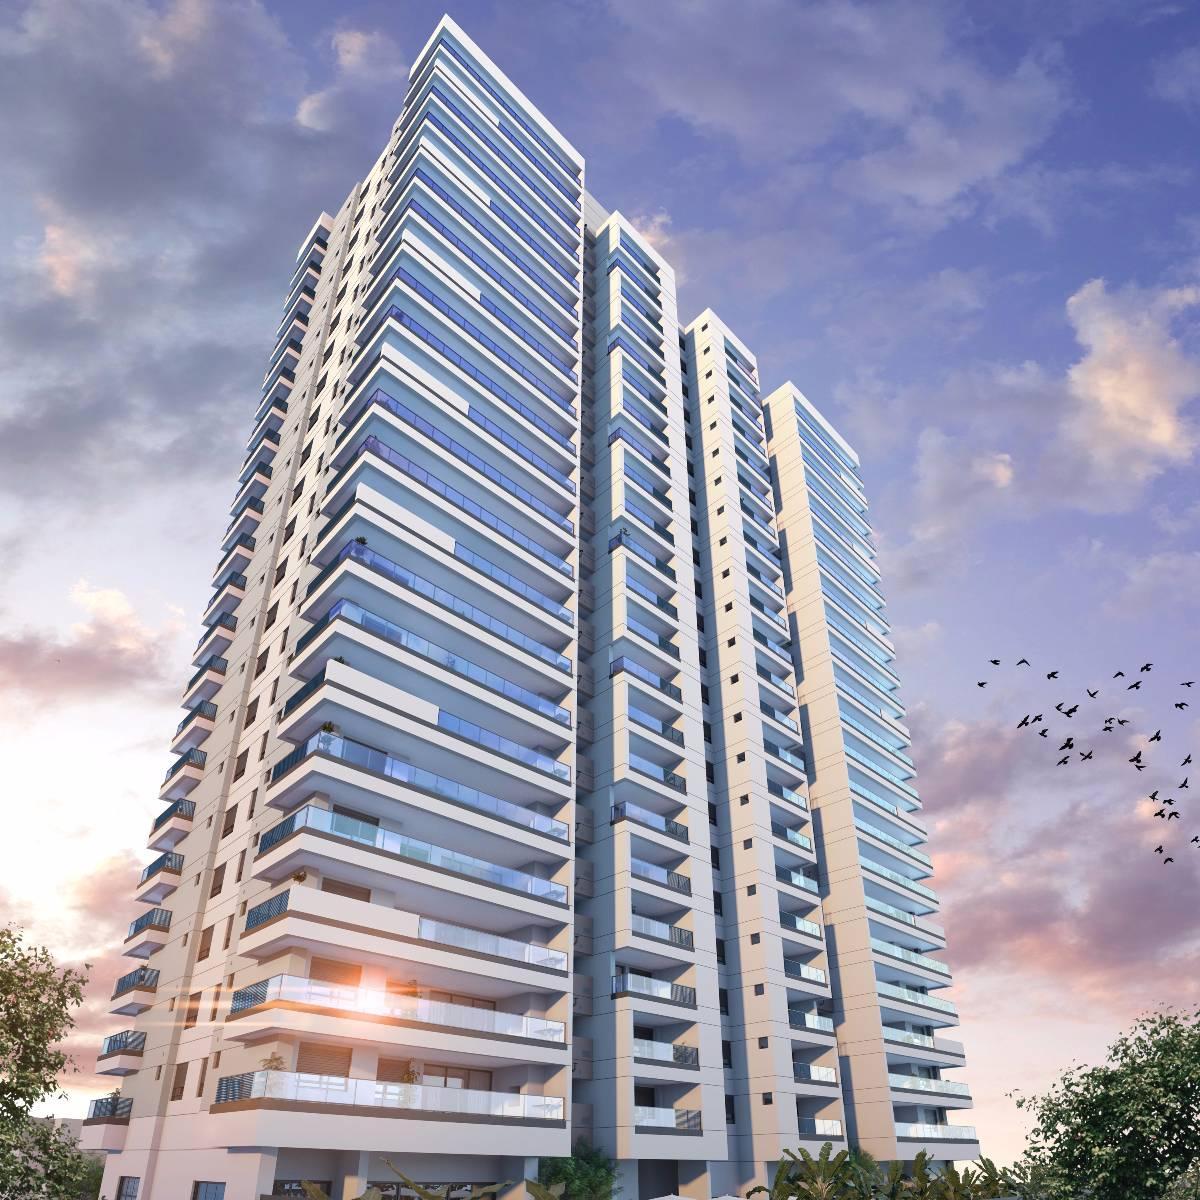 Lançamento em Pinheiros com 73m e 2 dormitórios com boa varanda oportunidade